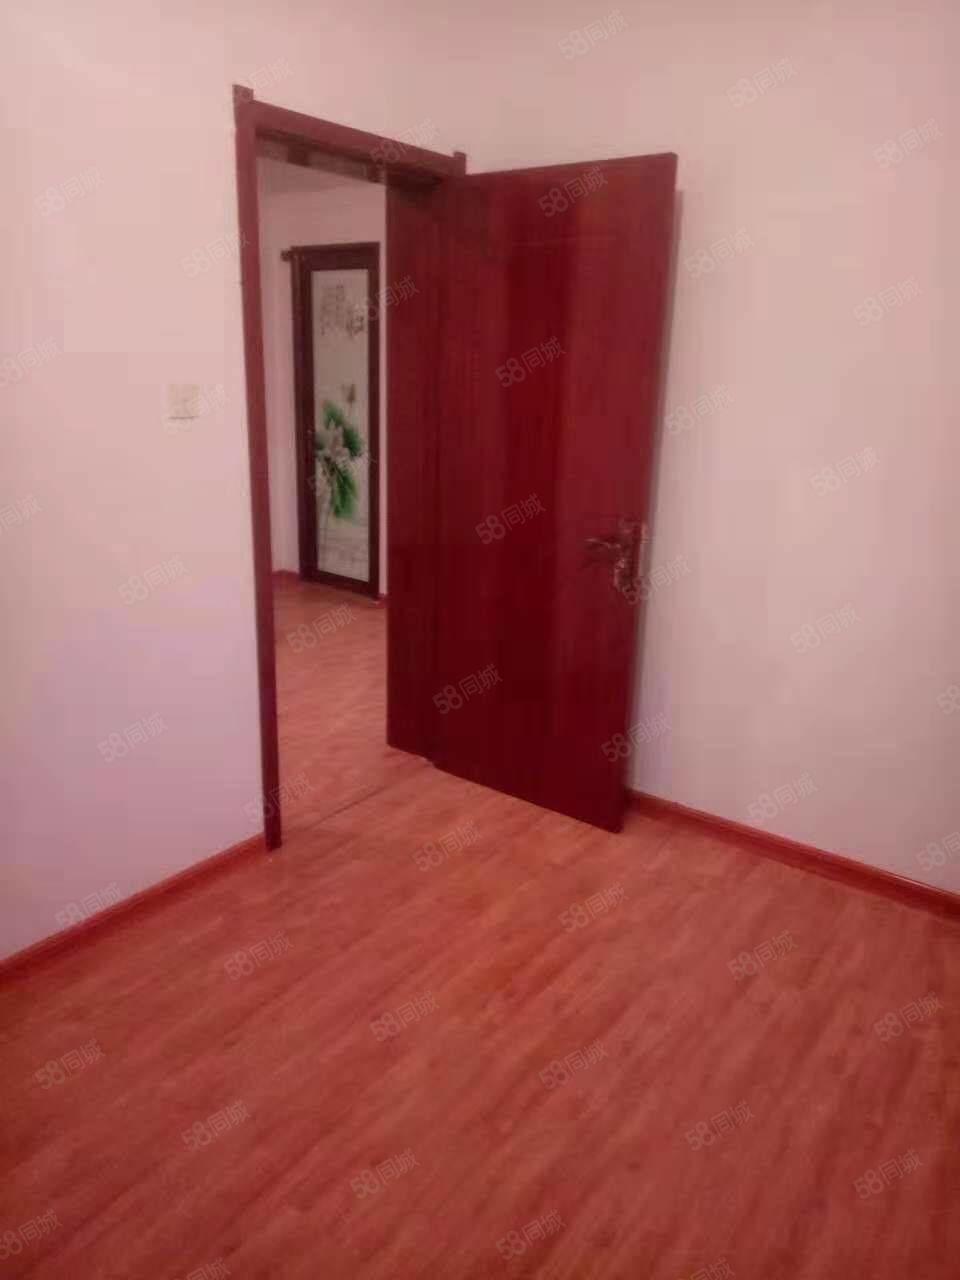 凤凰园有好房出租,96平米,4层,一个月850元